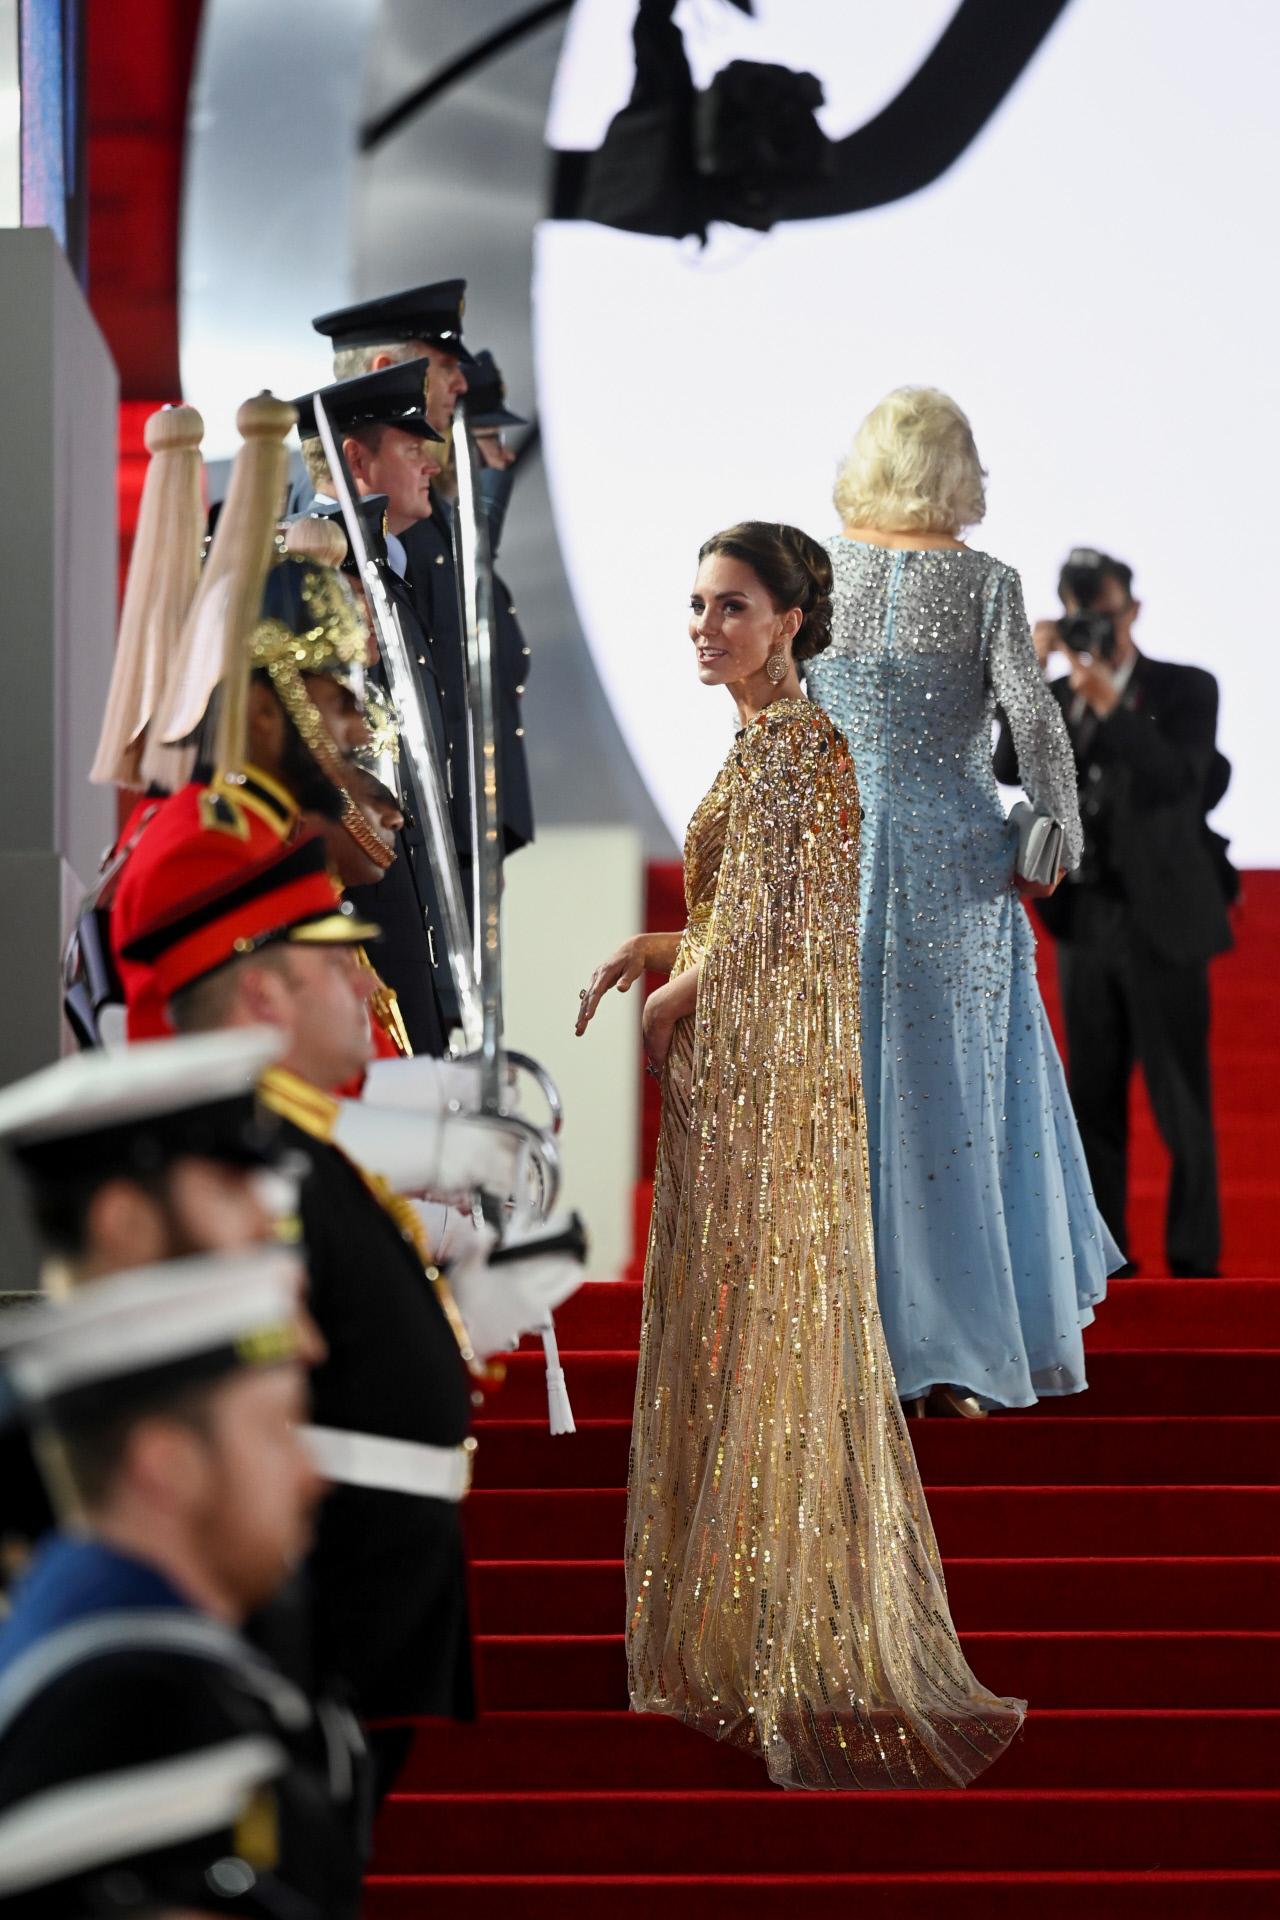 La capa se unía al vestido a través de unas hombreras que armaban la figura de la duquesa de Cambridge.